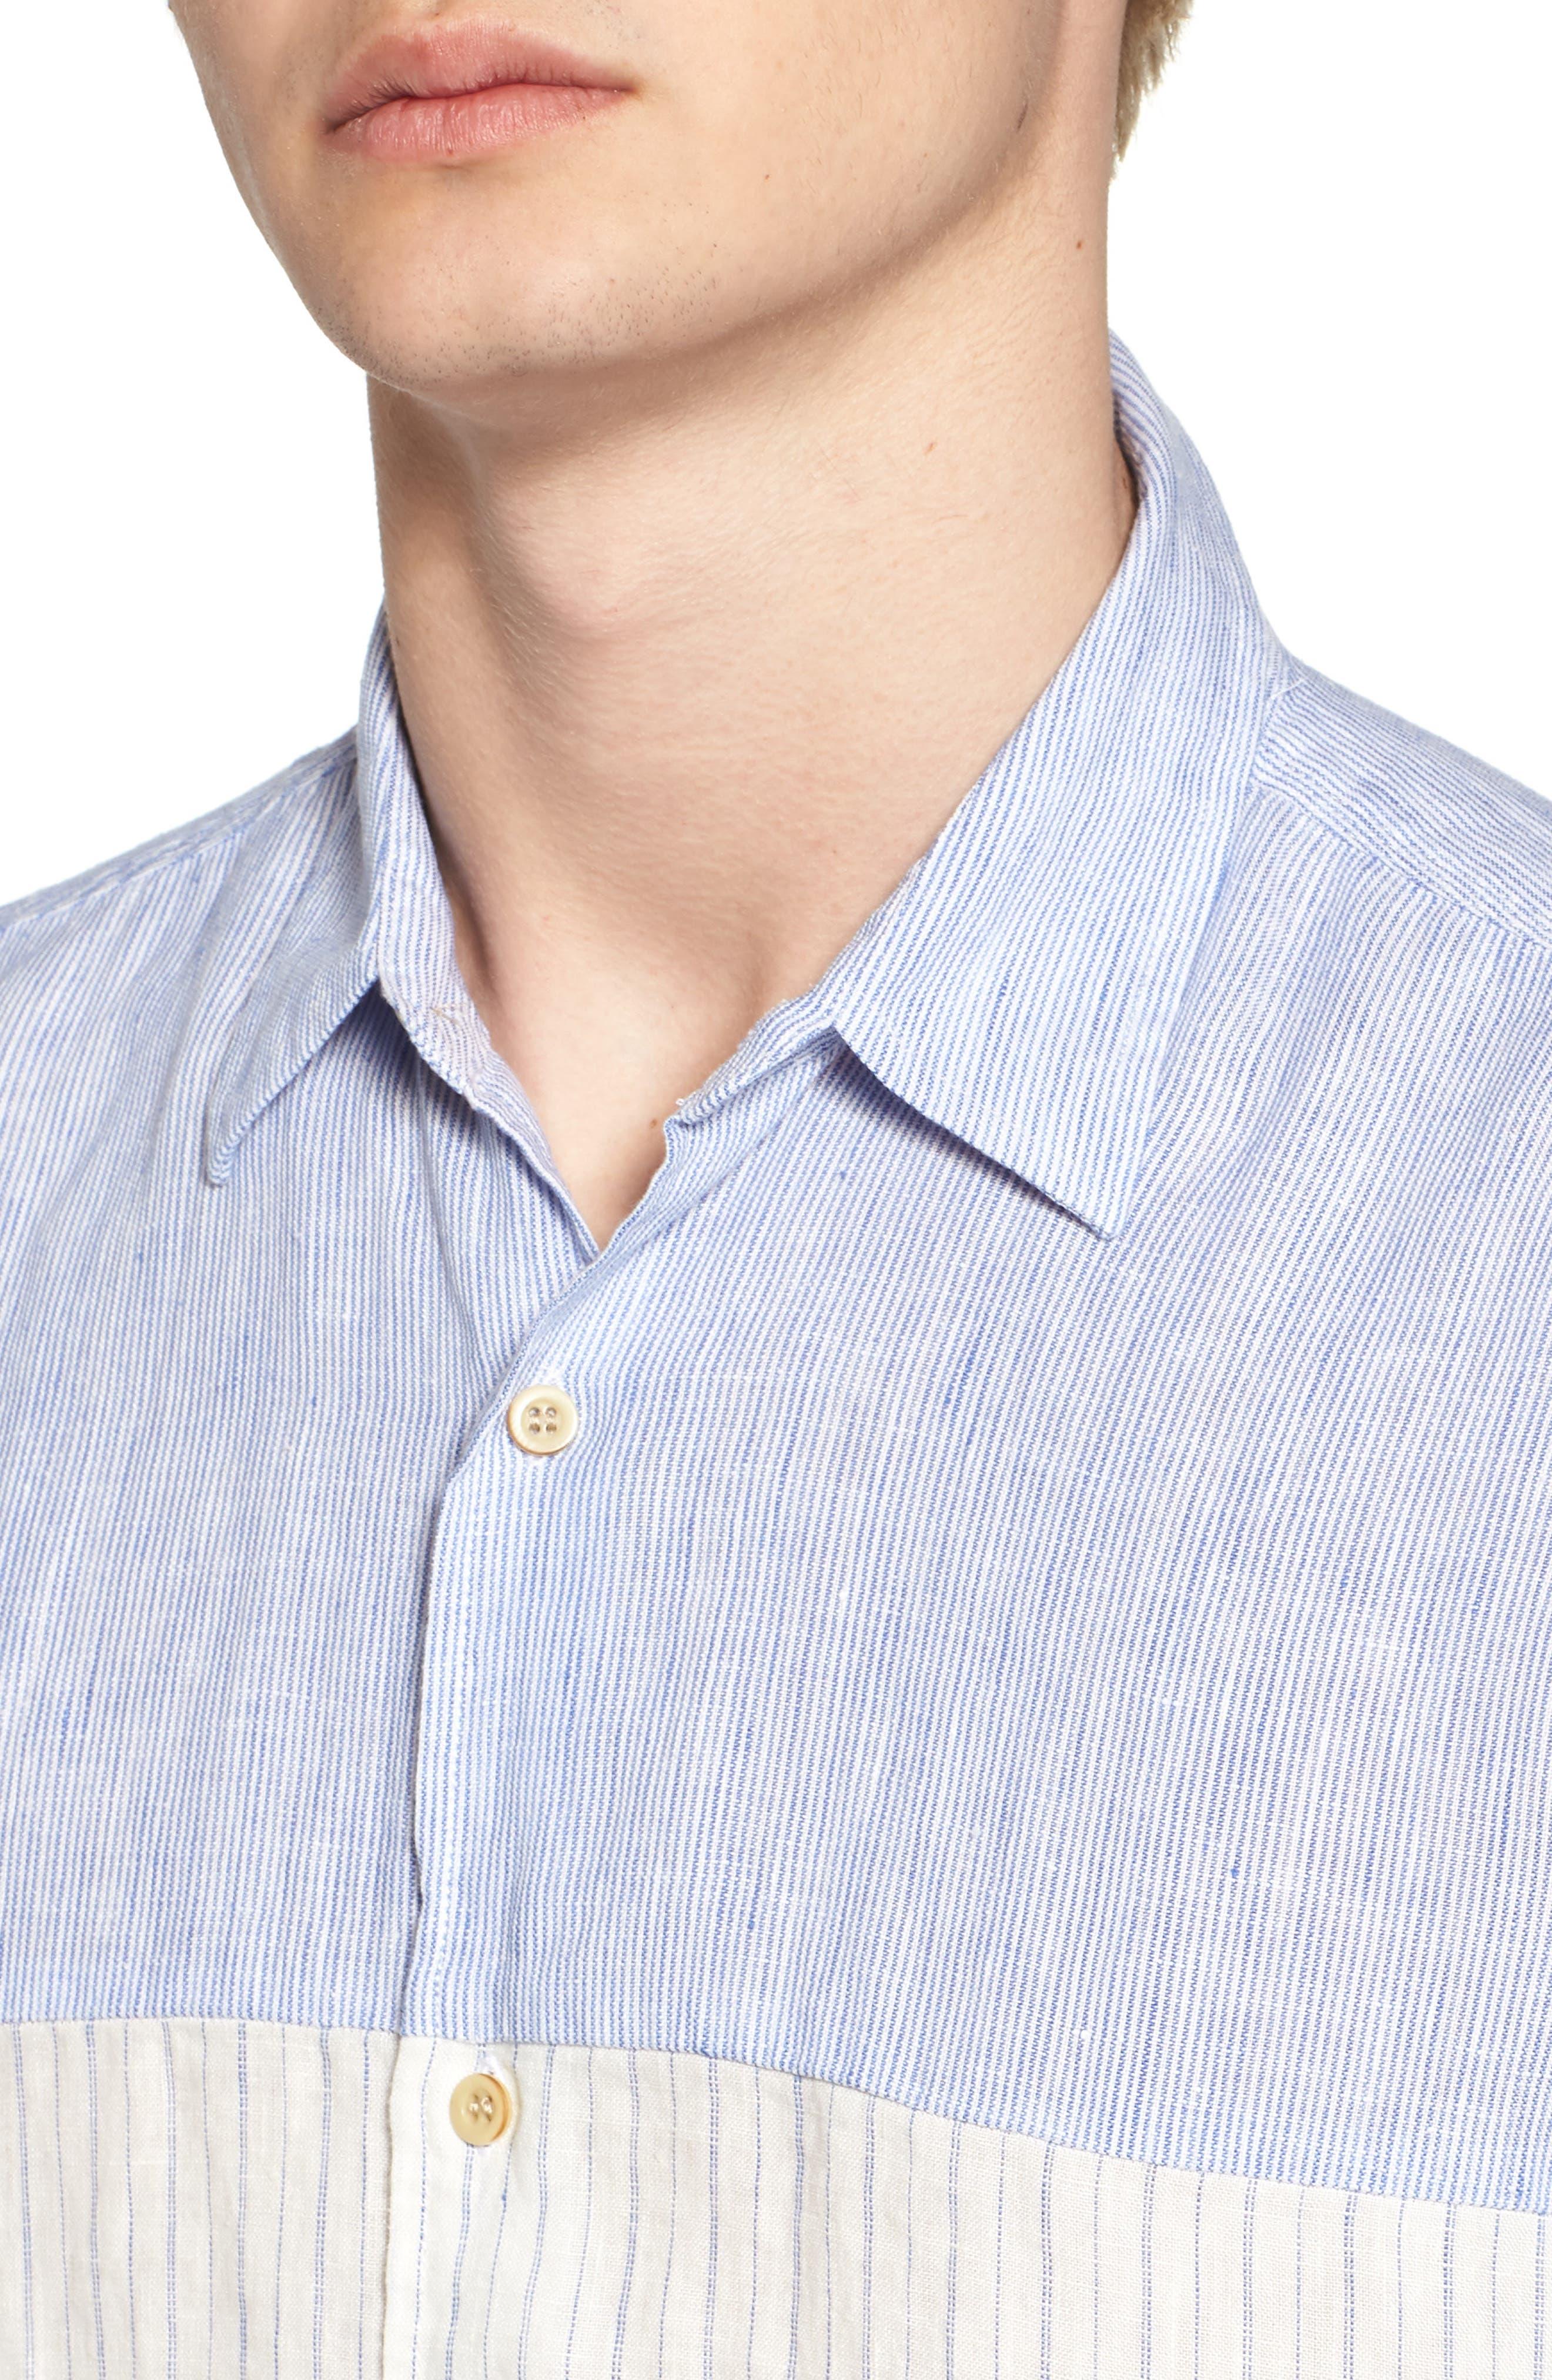 Relaxed Fit Stripe Linen & Cotton Sport Shirt,                             Alternate thumbnail 2, color,                             Rich Blue Stripes